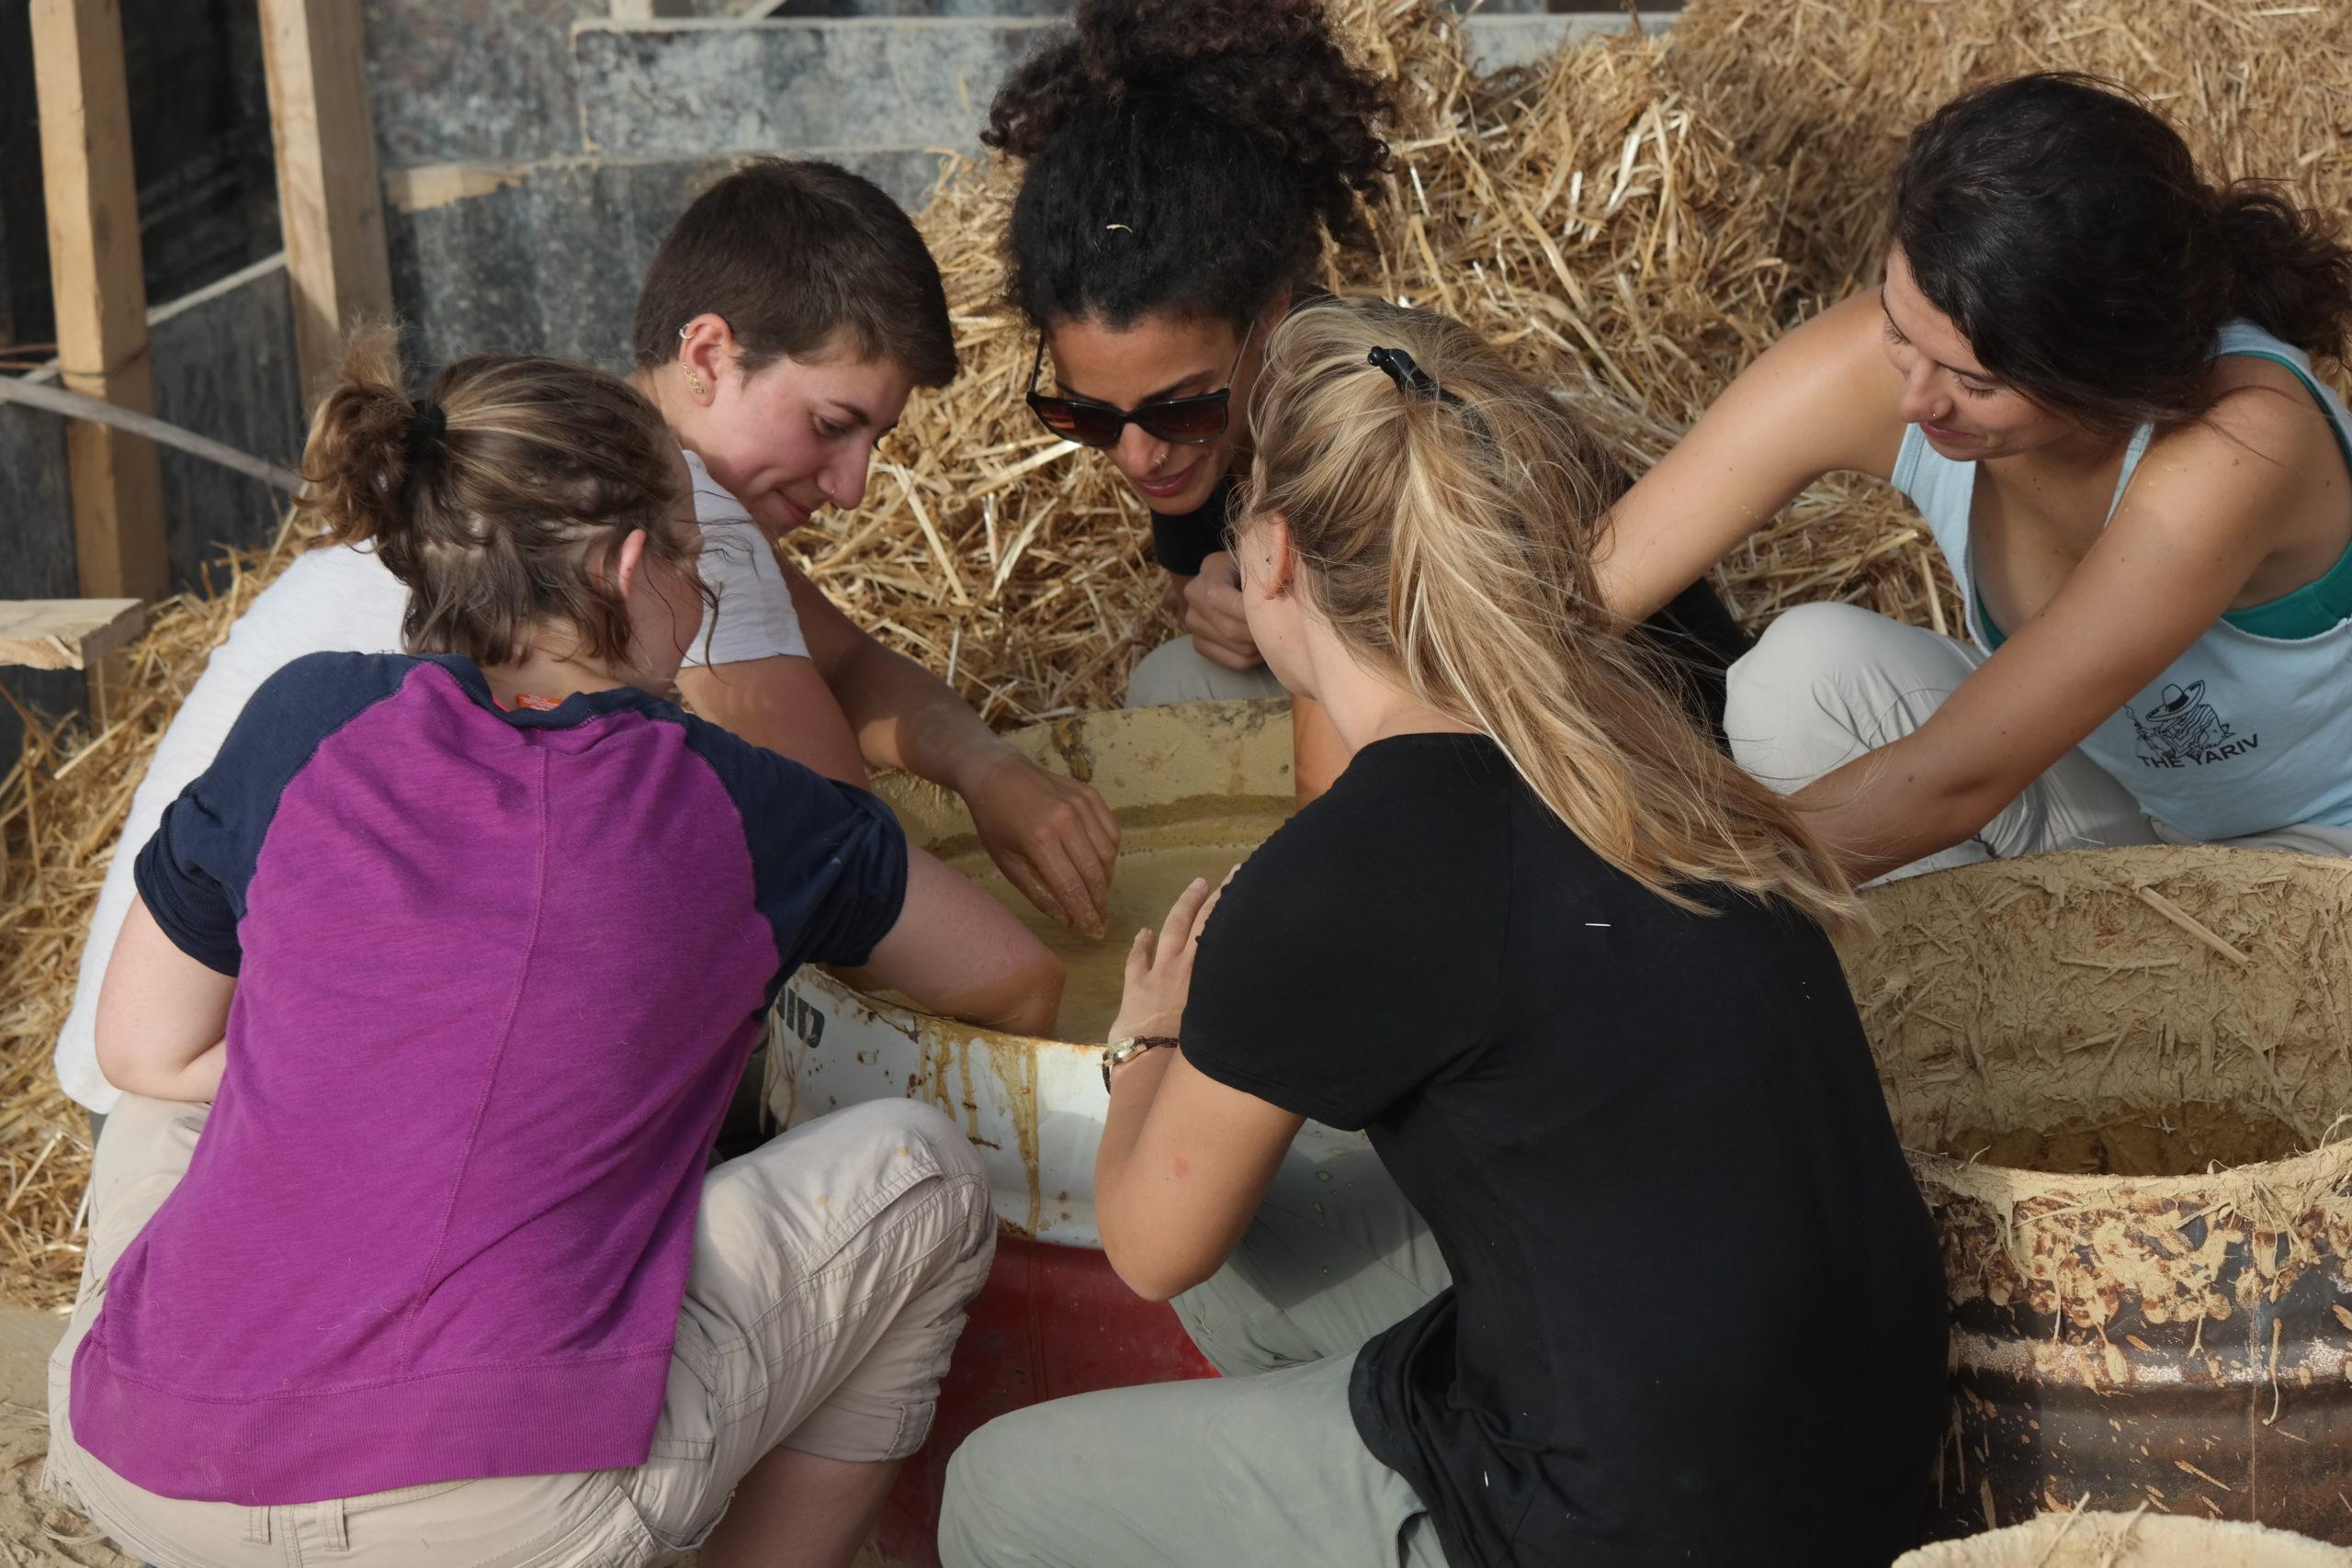 עמותת ניצן - חווה טיפולית: חוות נוער חקלאית, טיפול באמצעות שטח,